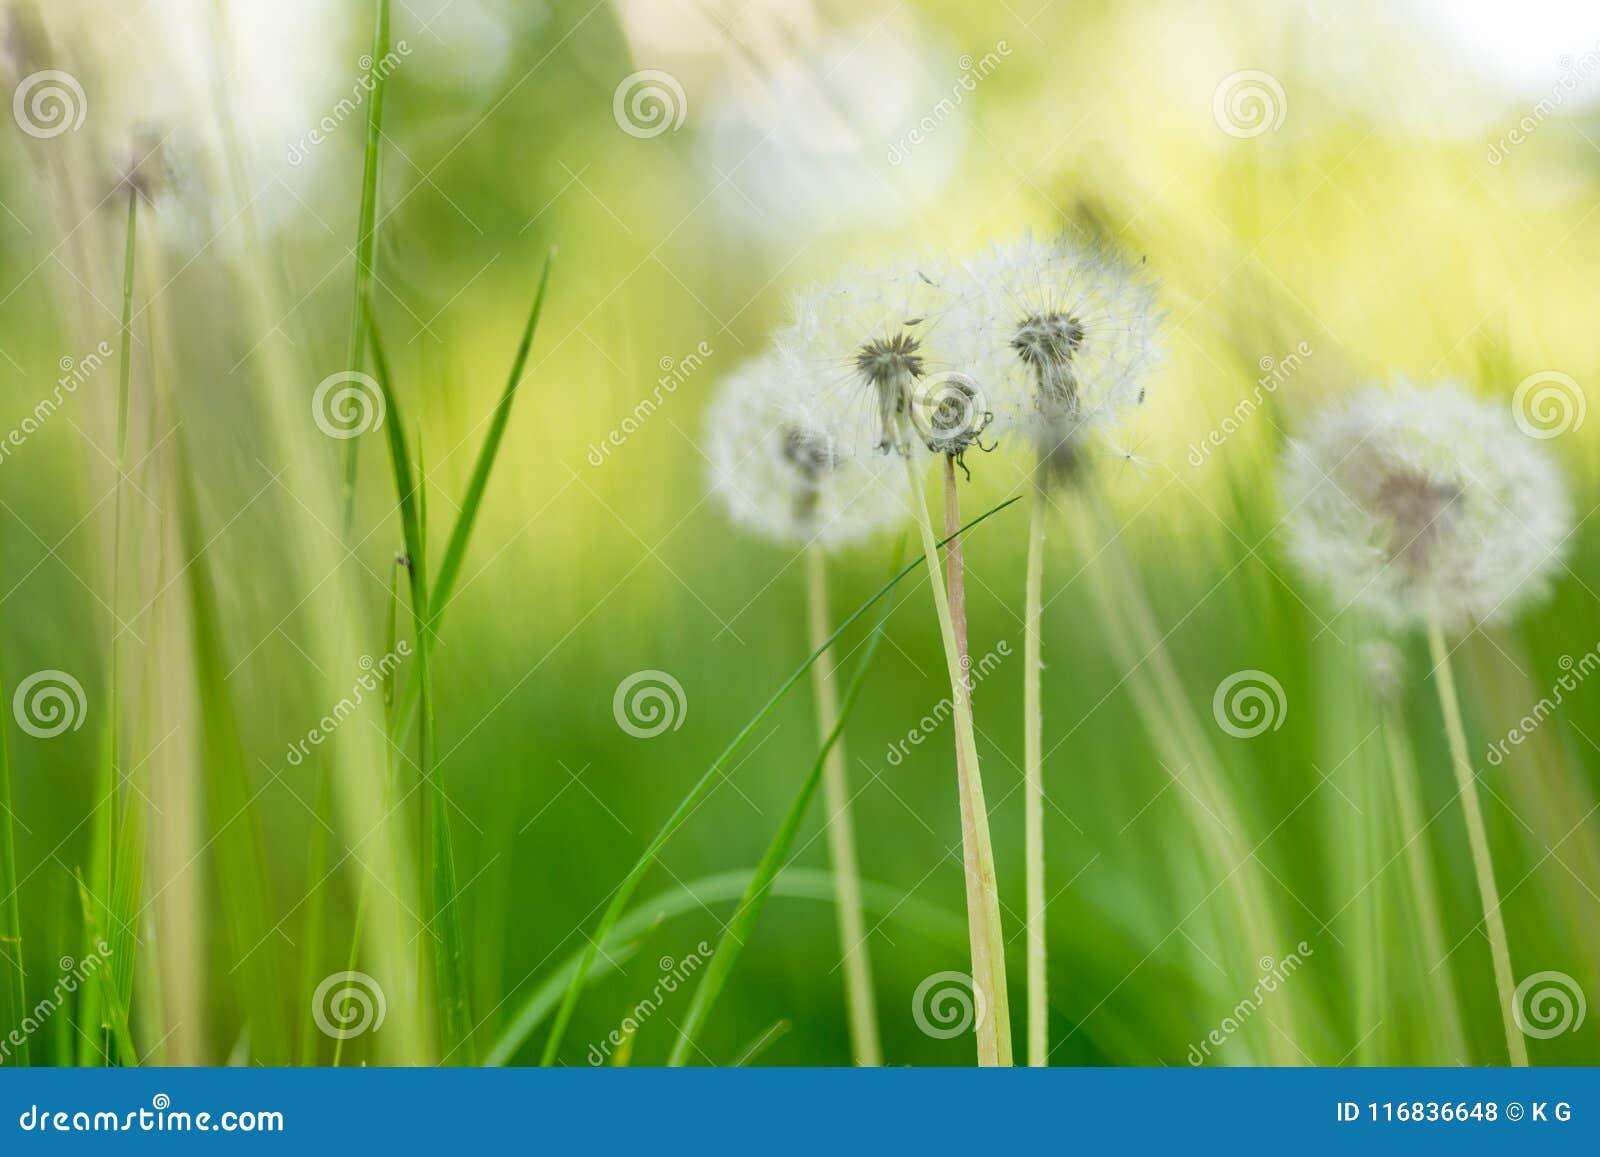 Groene frehweide met mooie fluffydandellions Natuurlijke zachte de zomer of de lenteachtergrond Ondiepe Diepte van Gebied Zachte